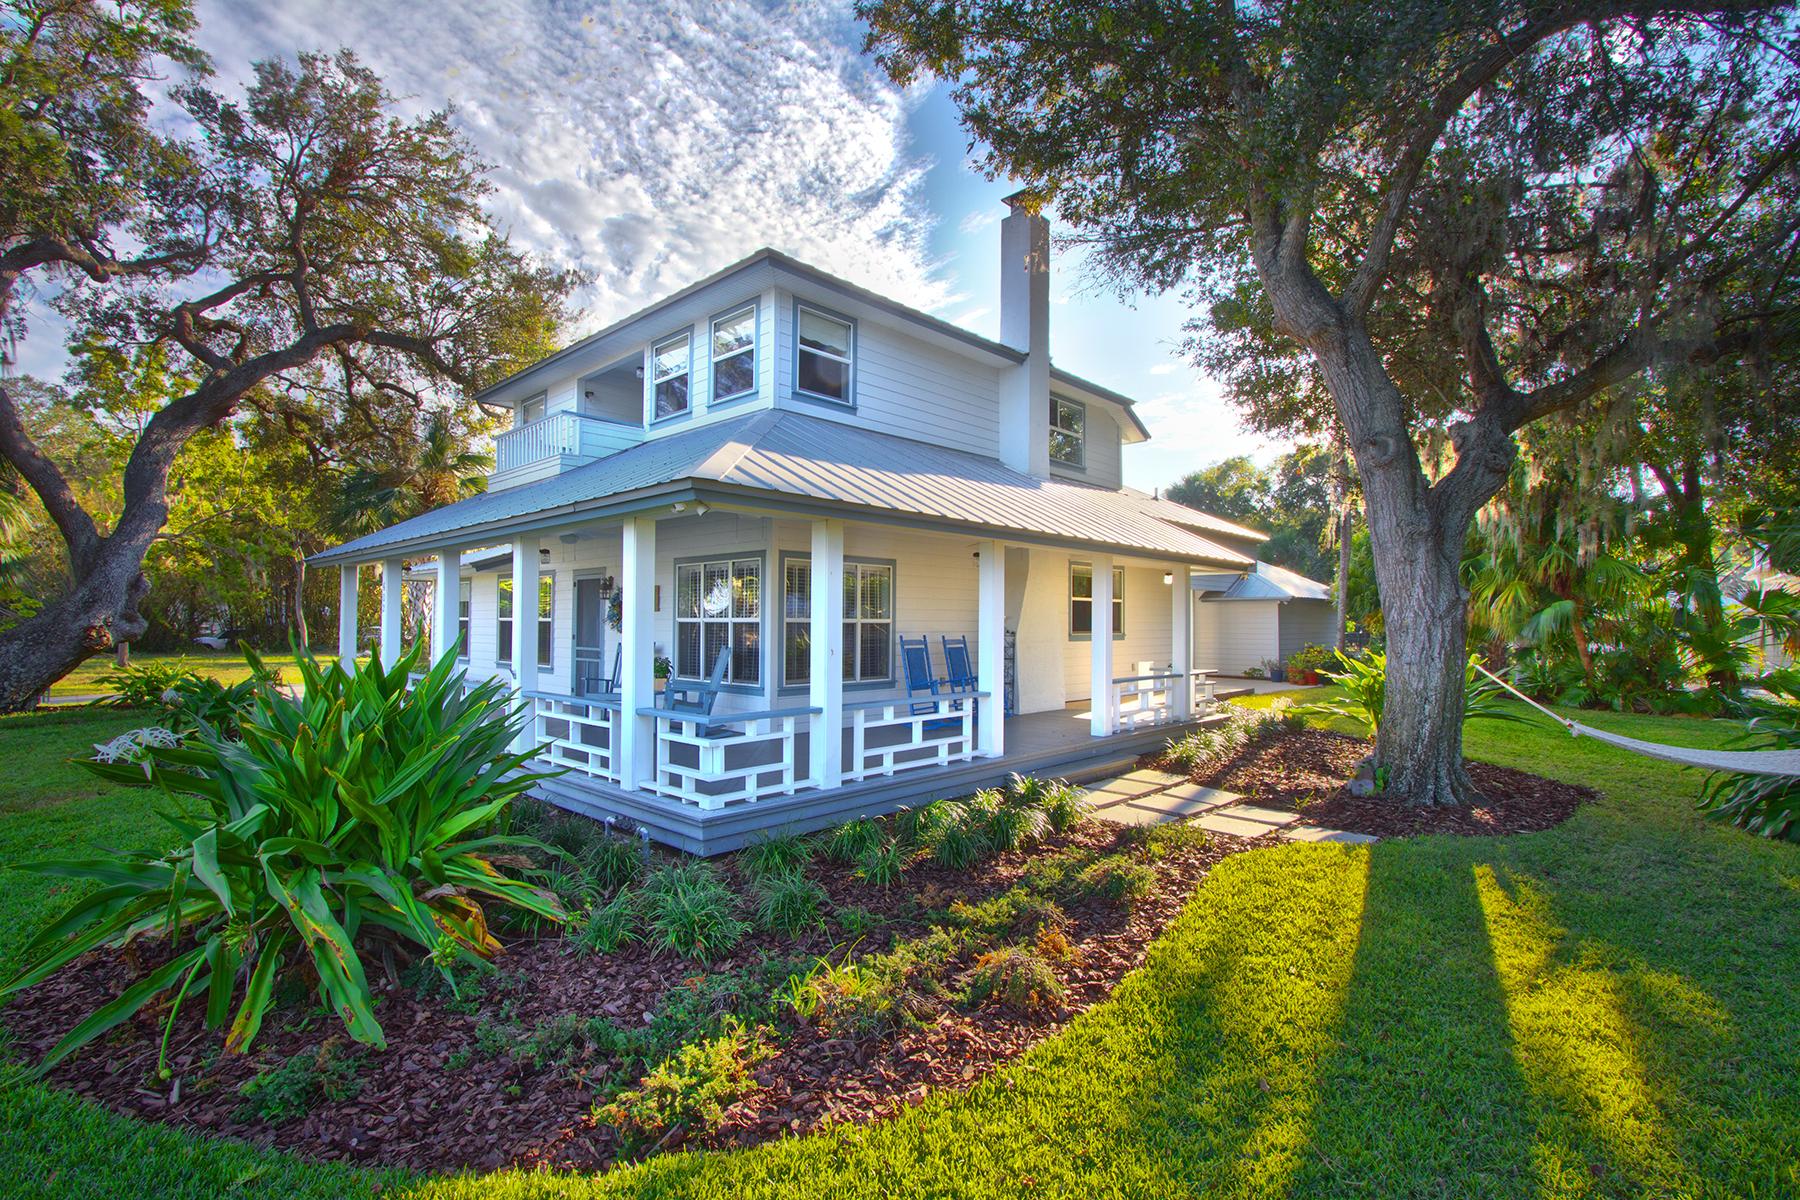 Maison unifamiliale pour l Vente à NEW SMYRNA BEACH 602 N Riverside Dr New Smyrna Beach, Florida, 32168 États-Unis